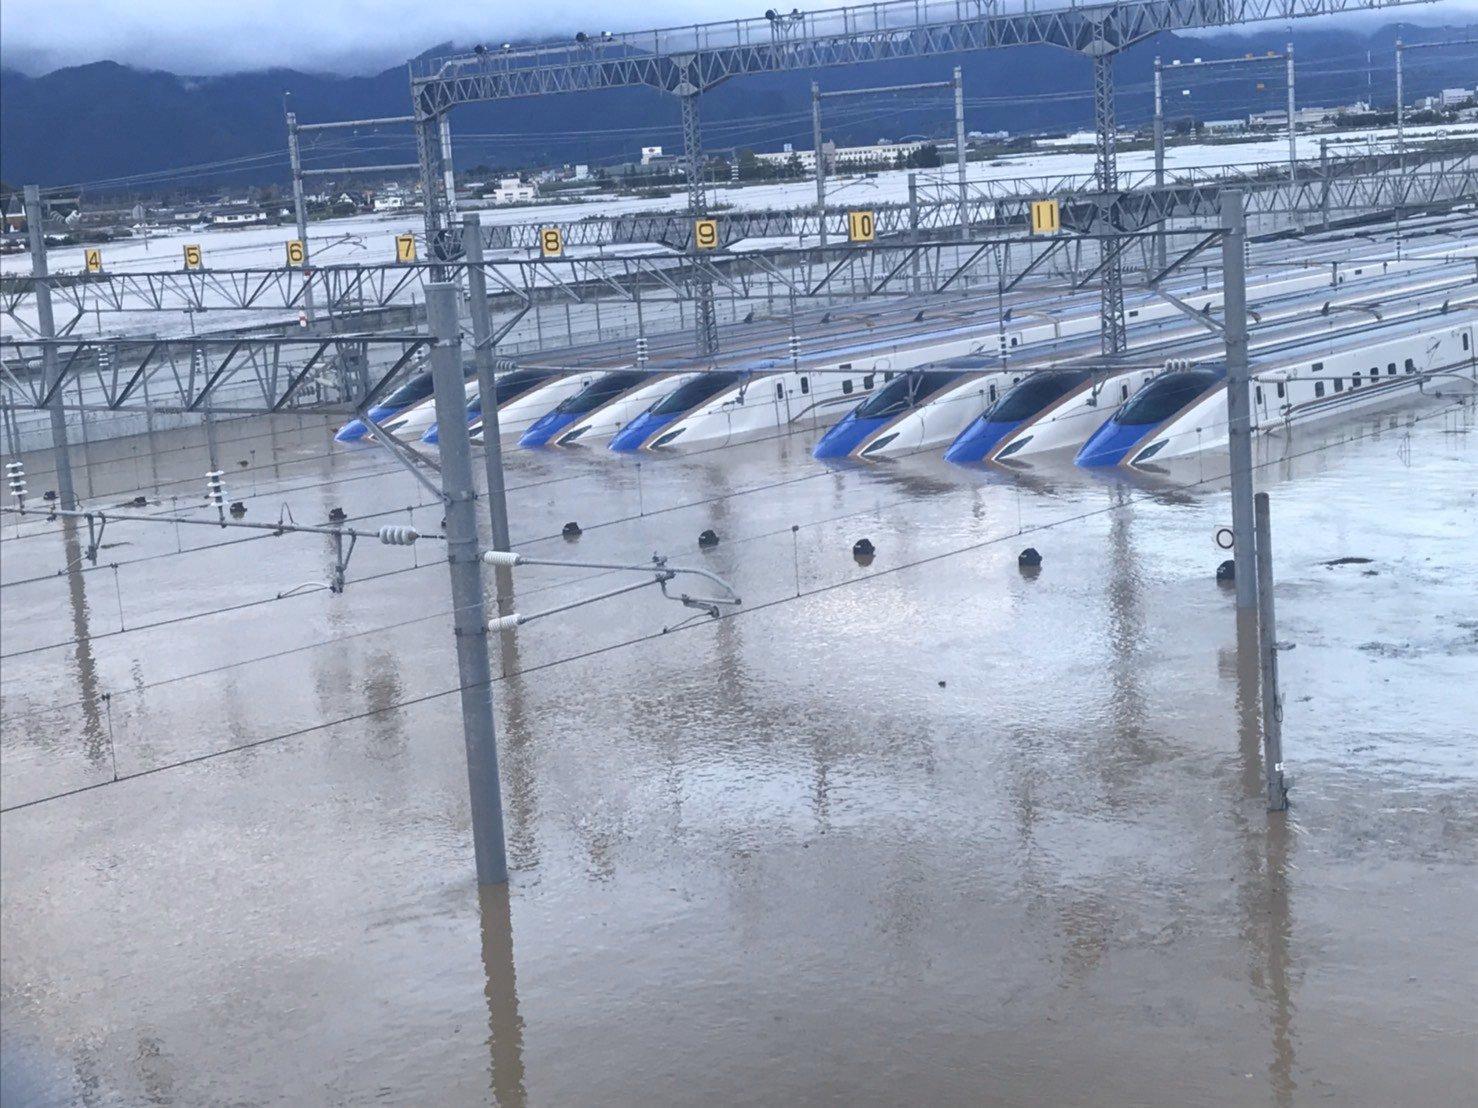 長野新幹線見に行ったどこれはひどい。想像以上にすごい。 #千曲川氾濫